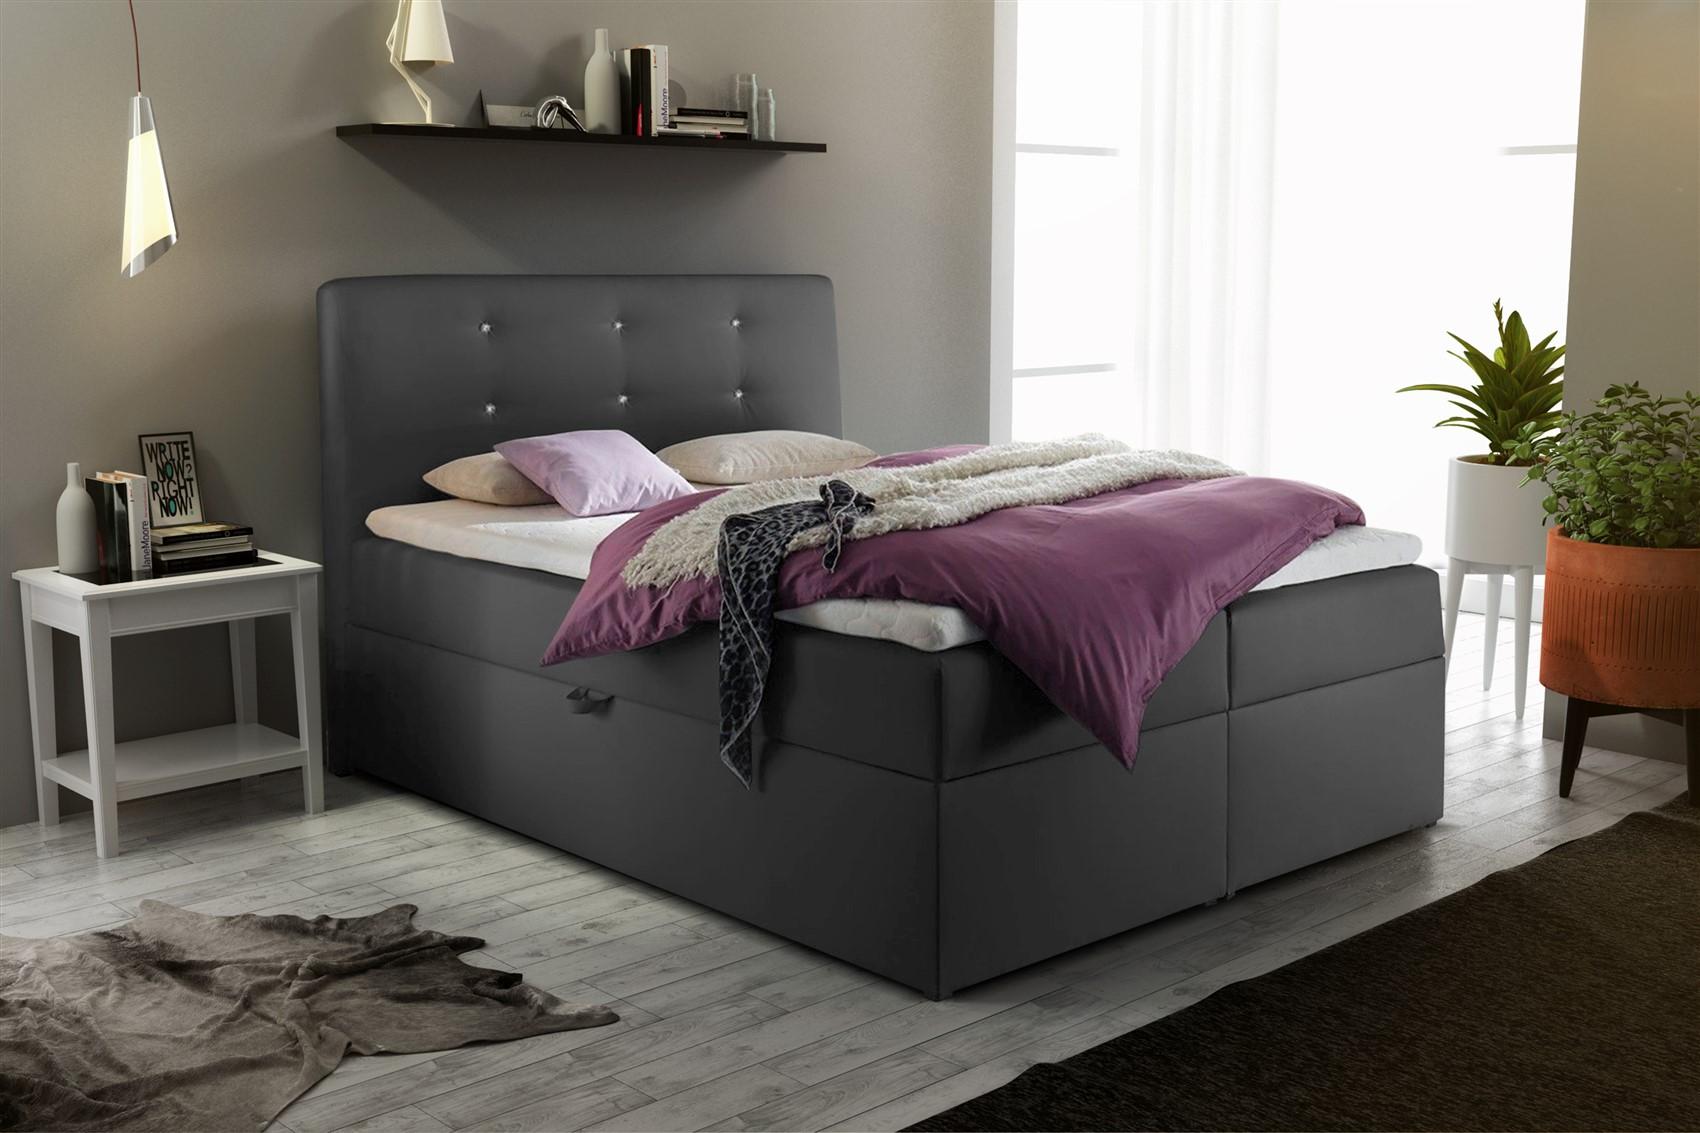 boxspringbett schlafzimmerbett monza kunstleder anthrazit. Black Bedroom Furniture Sets. Home Design Ideas